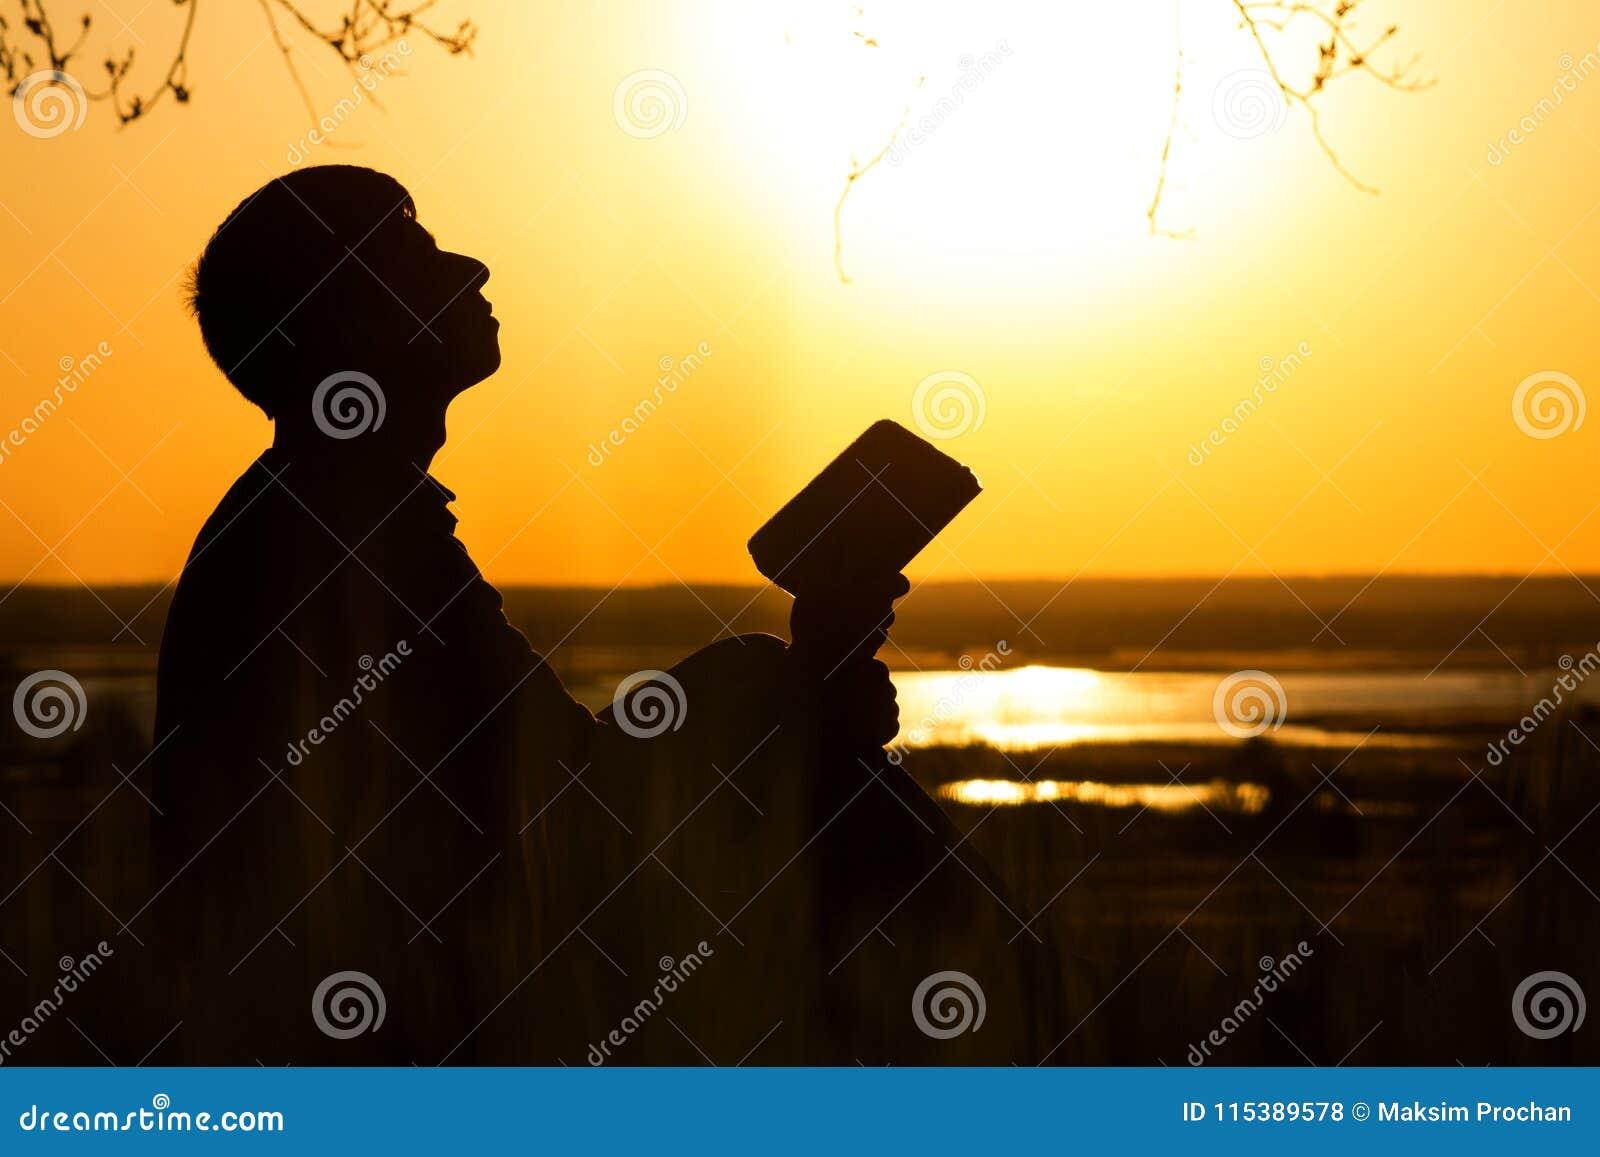 Silhueta do homem que gira para o deus com a esperança, o conceito da fé e a espiritualidade